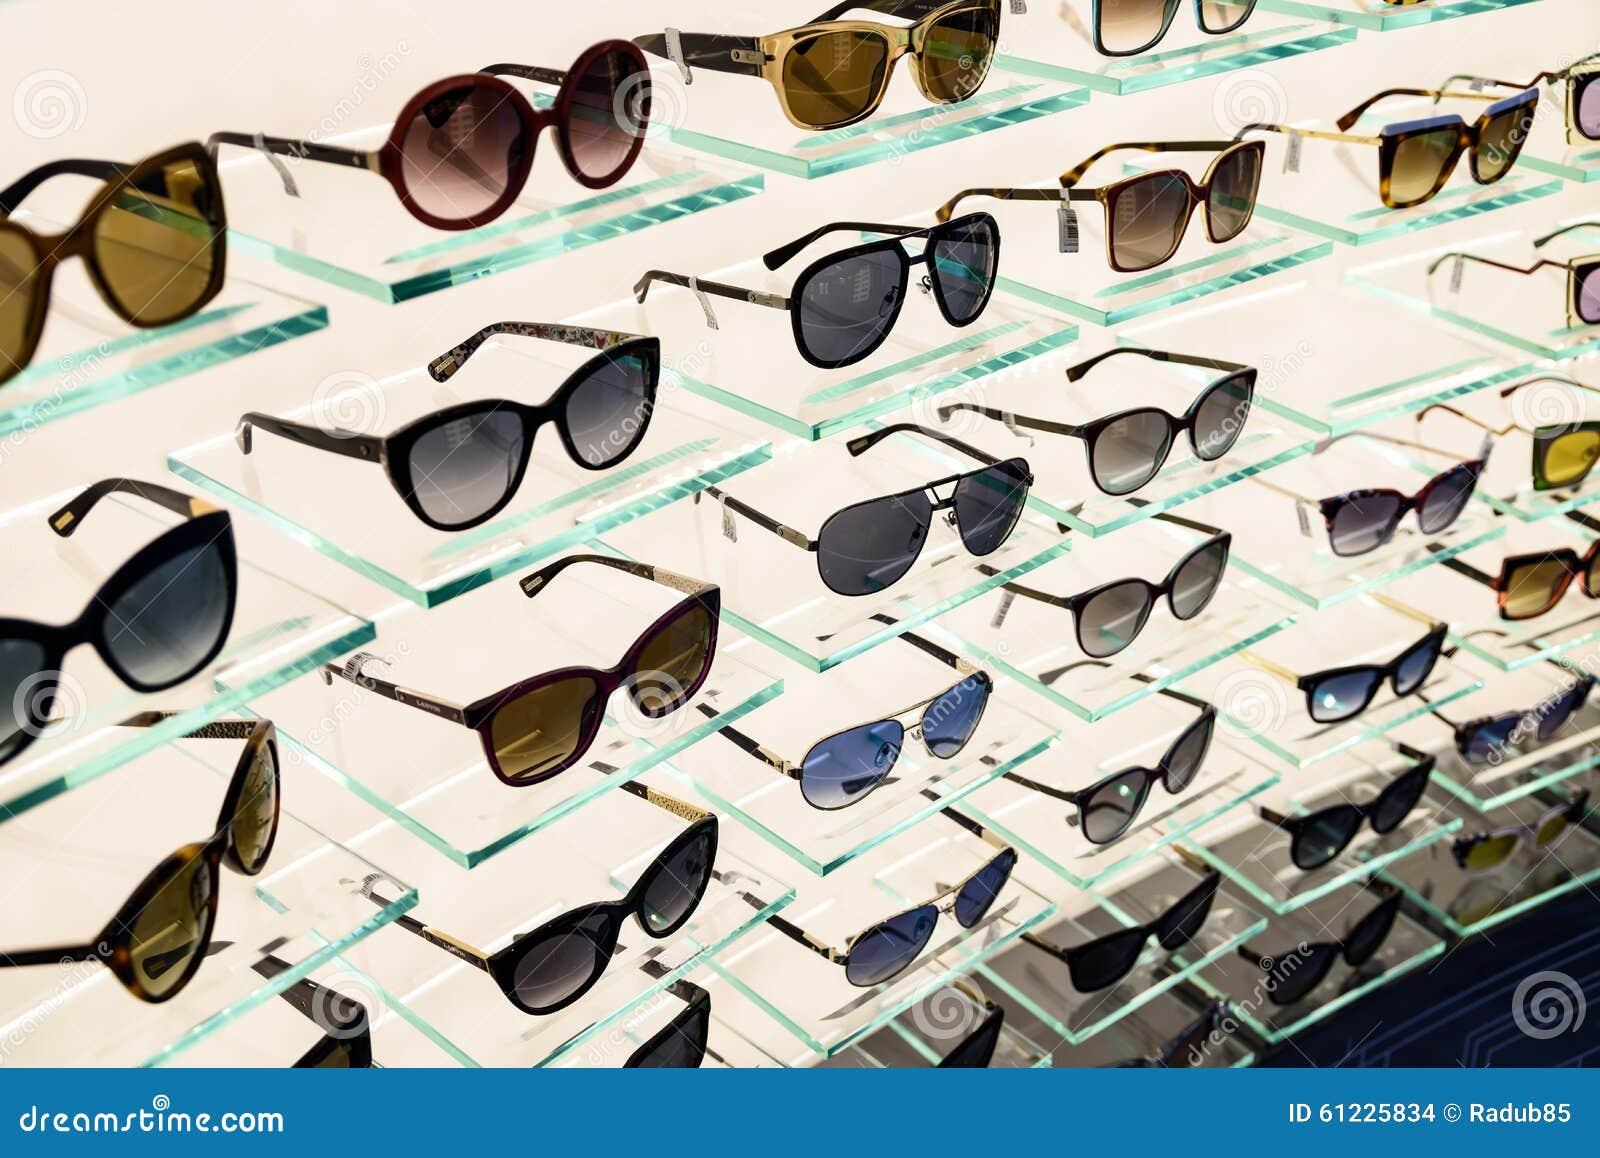 Lunettes de soleil de luxe à vendre dans l affichage de fenêtre de boutique